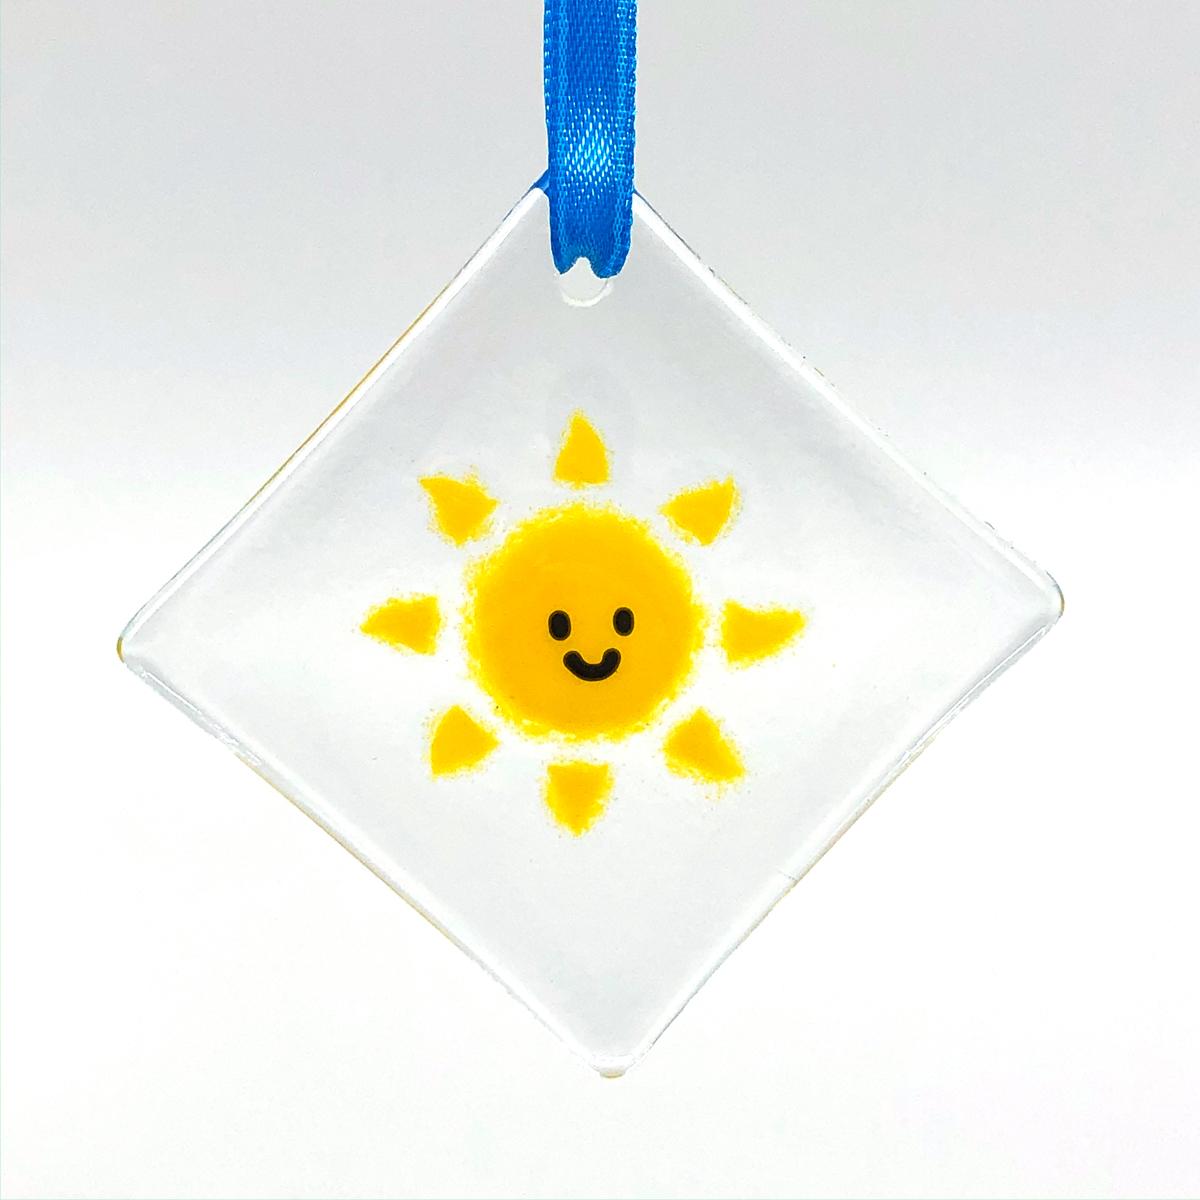 Sunshine-2.1-1200